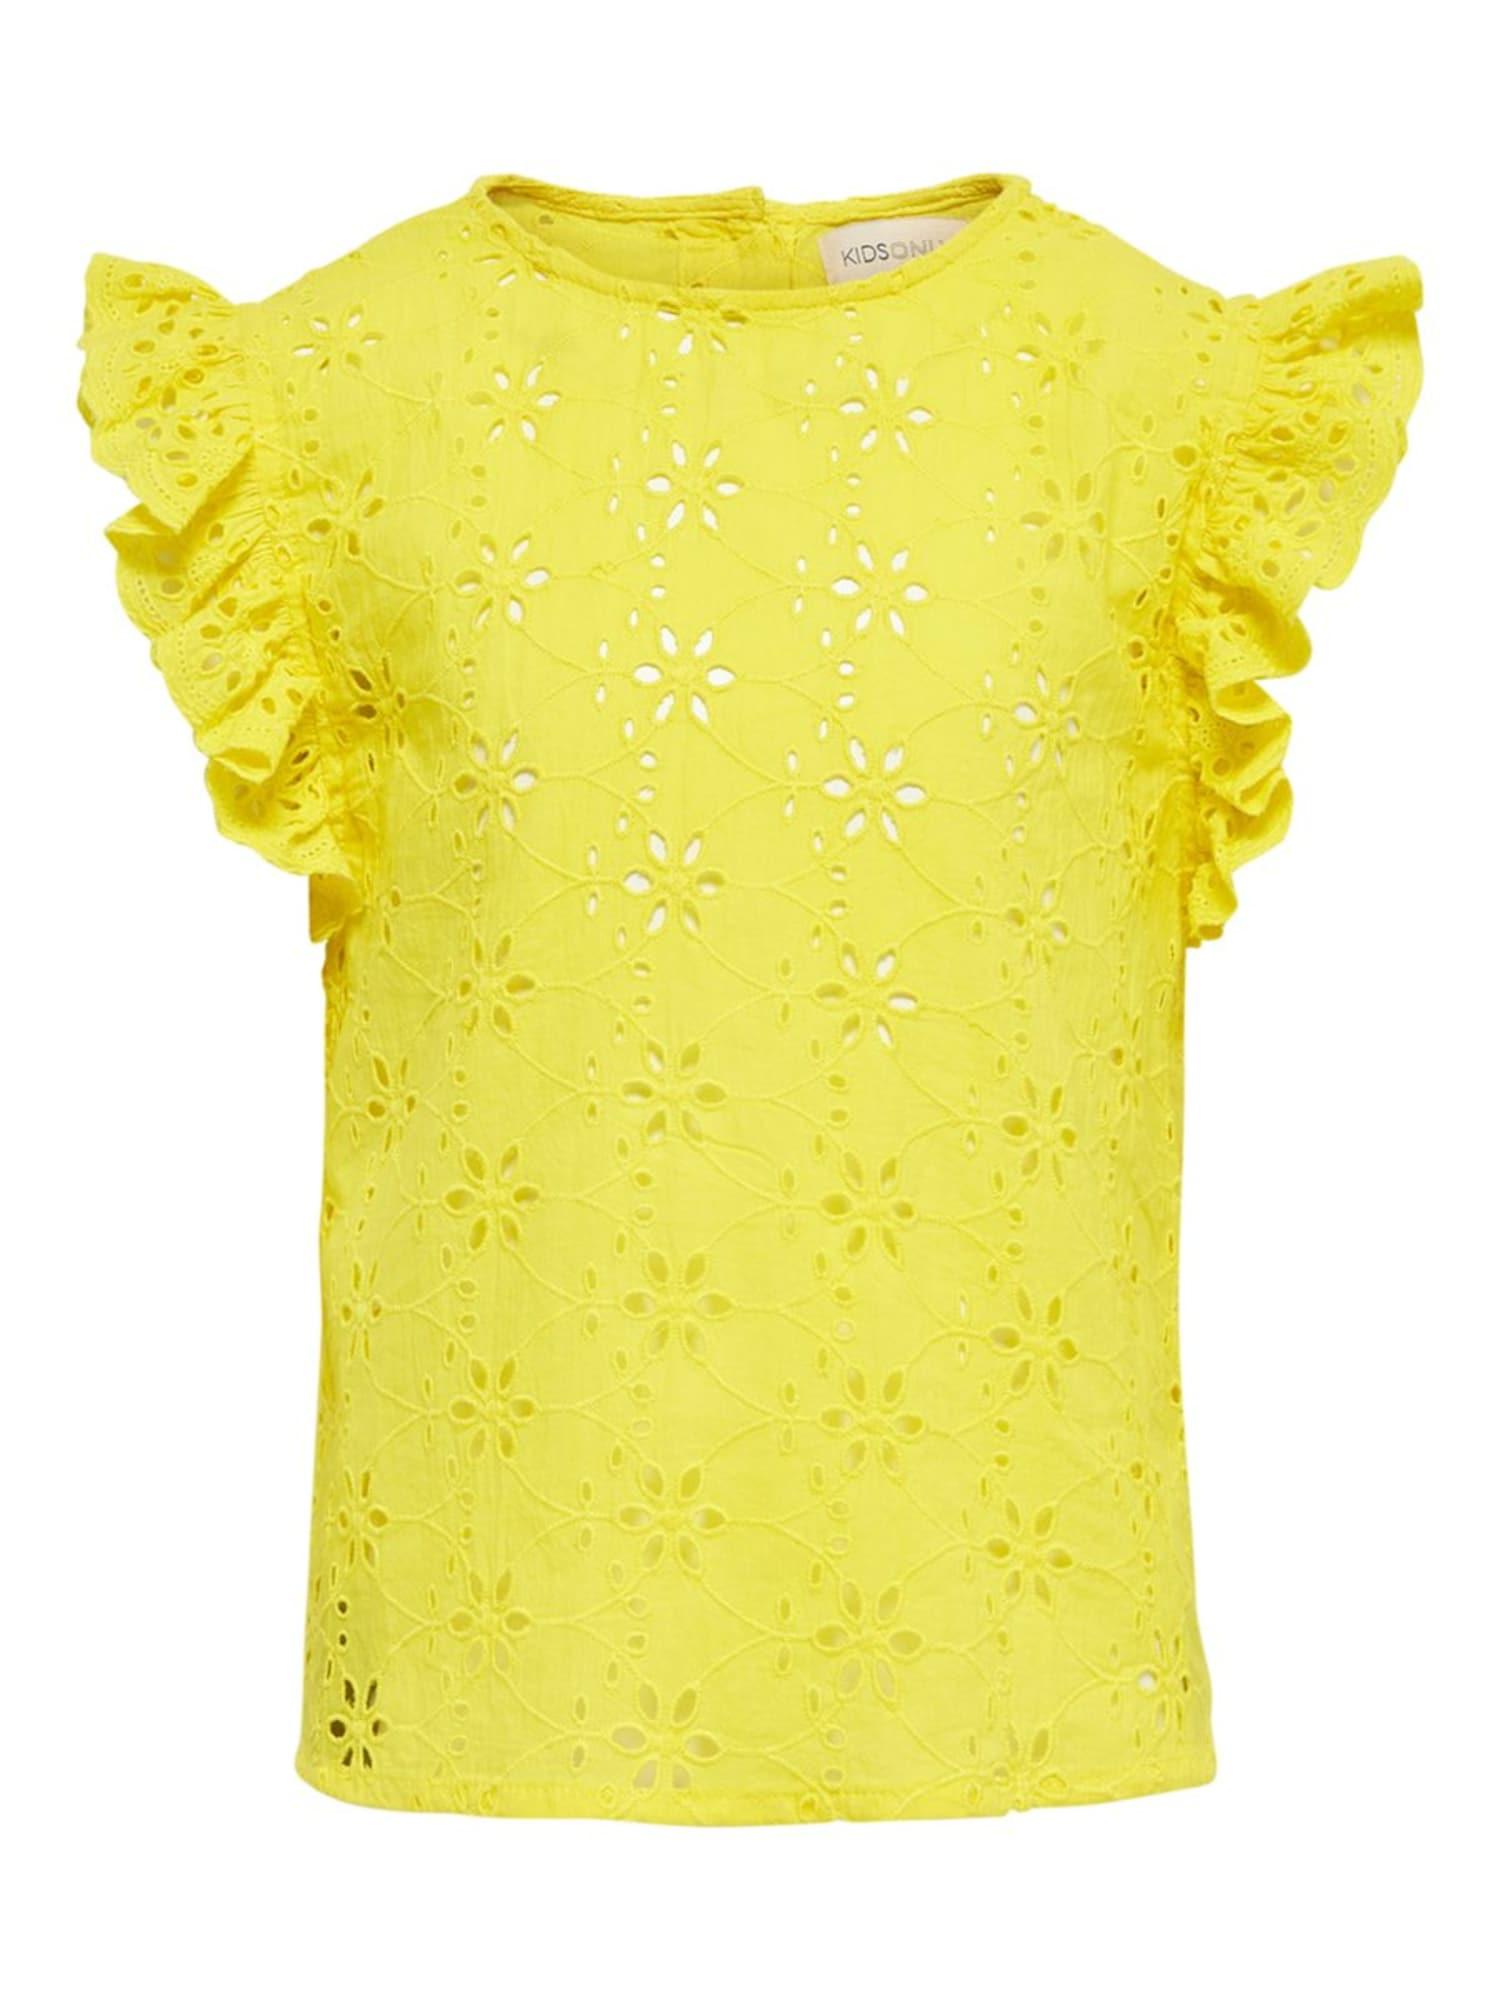 KIDS ONLY Marškinėliai geltona